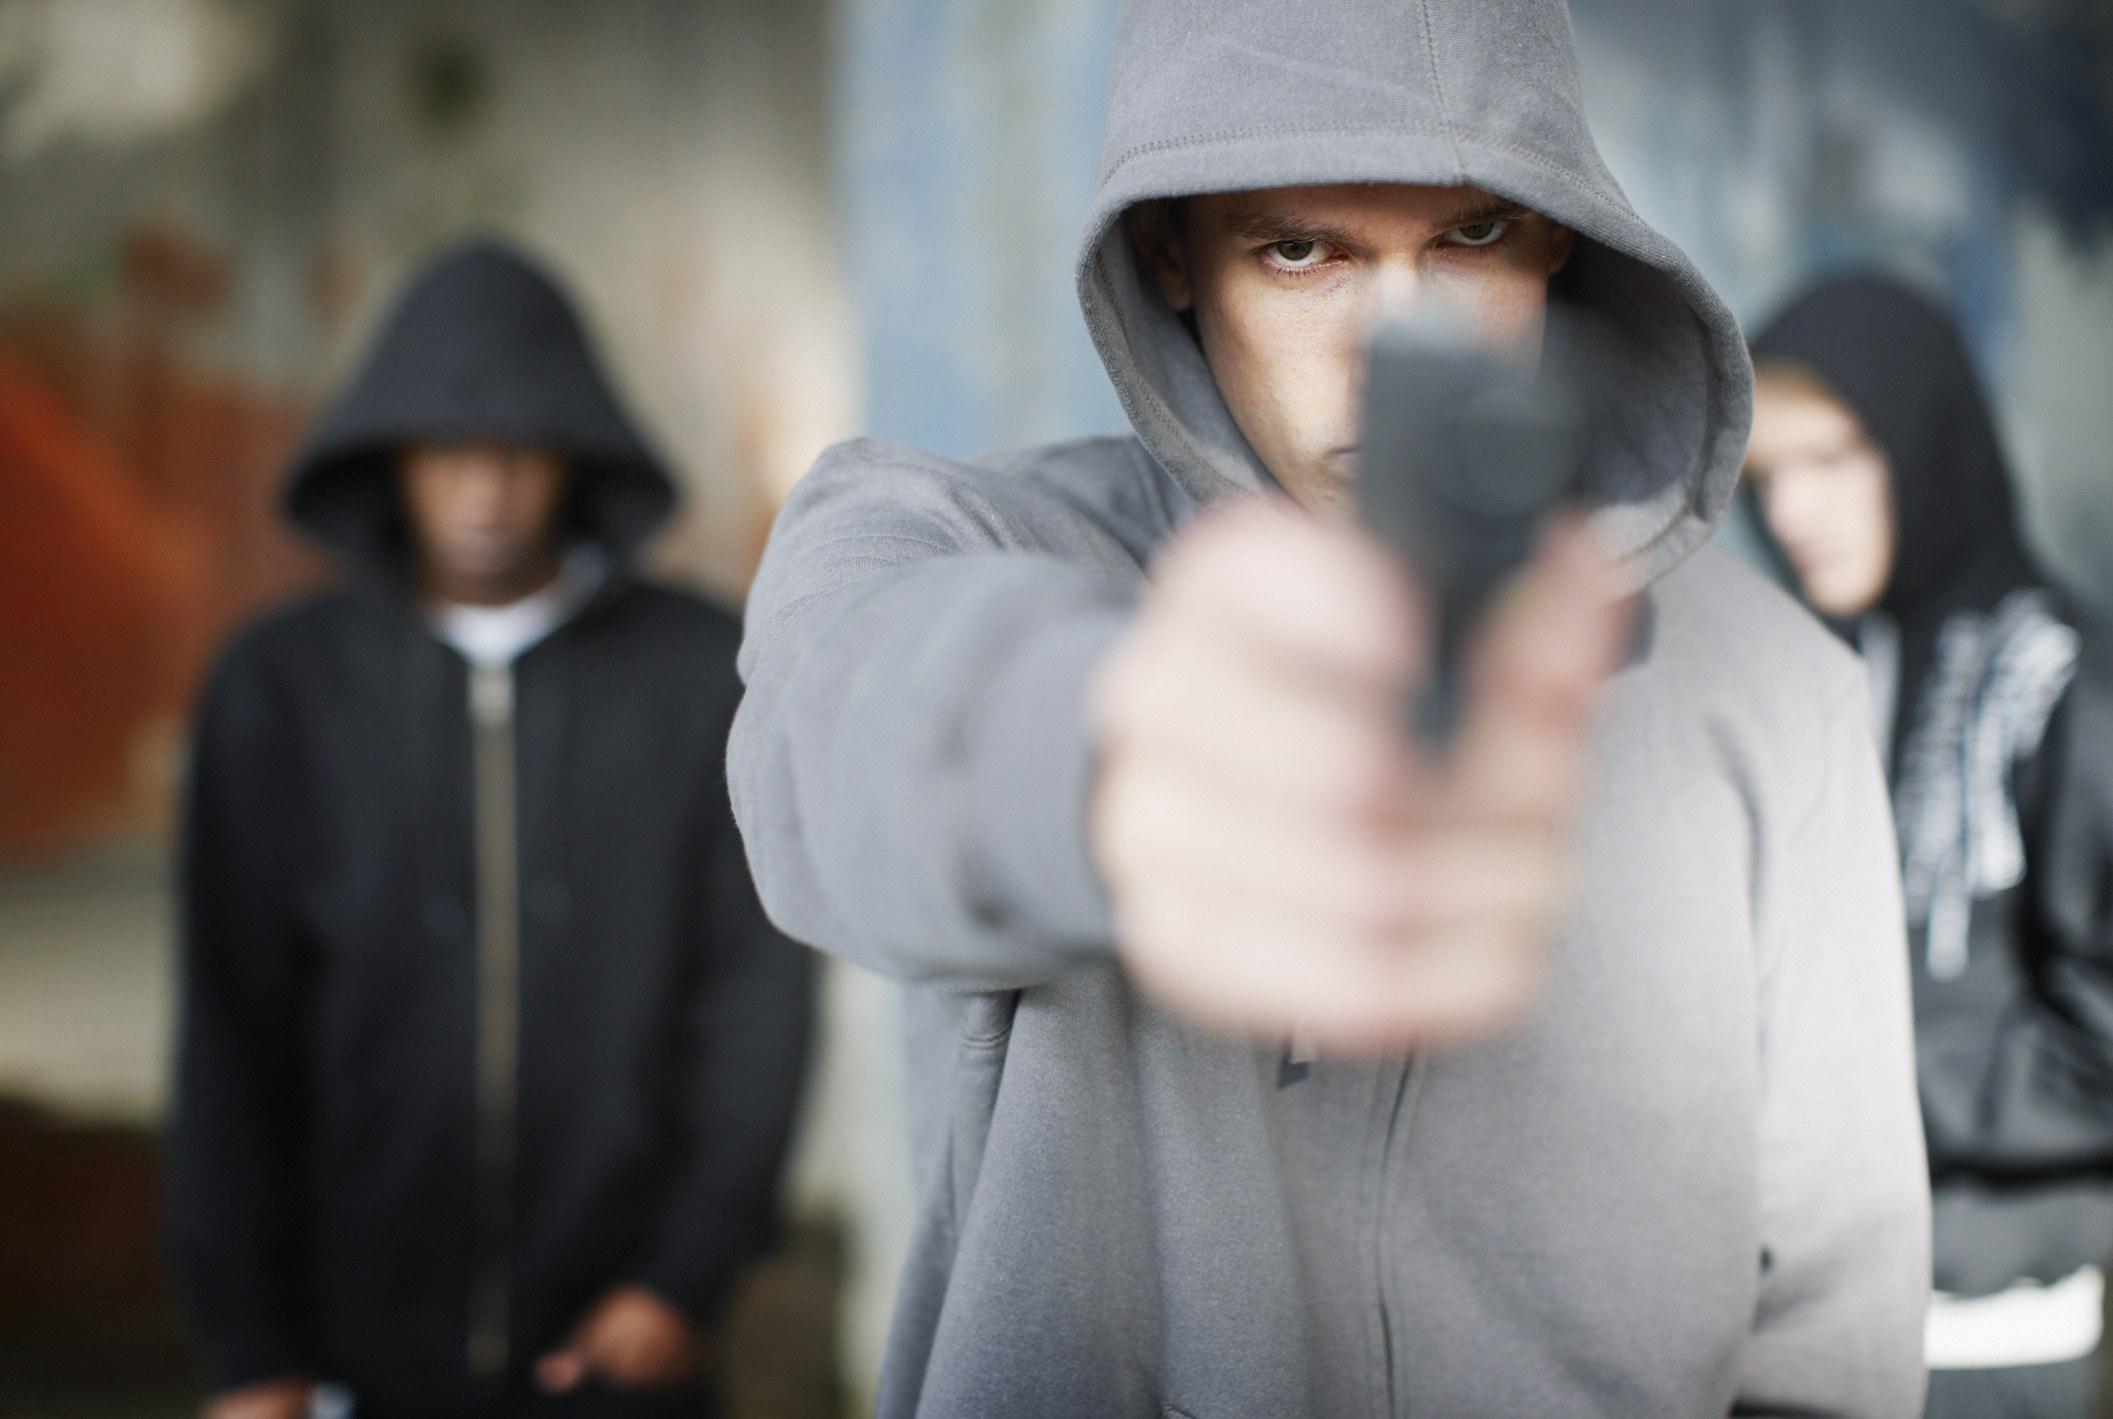 Man pointing gun